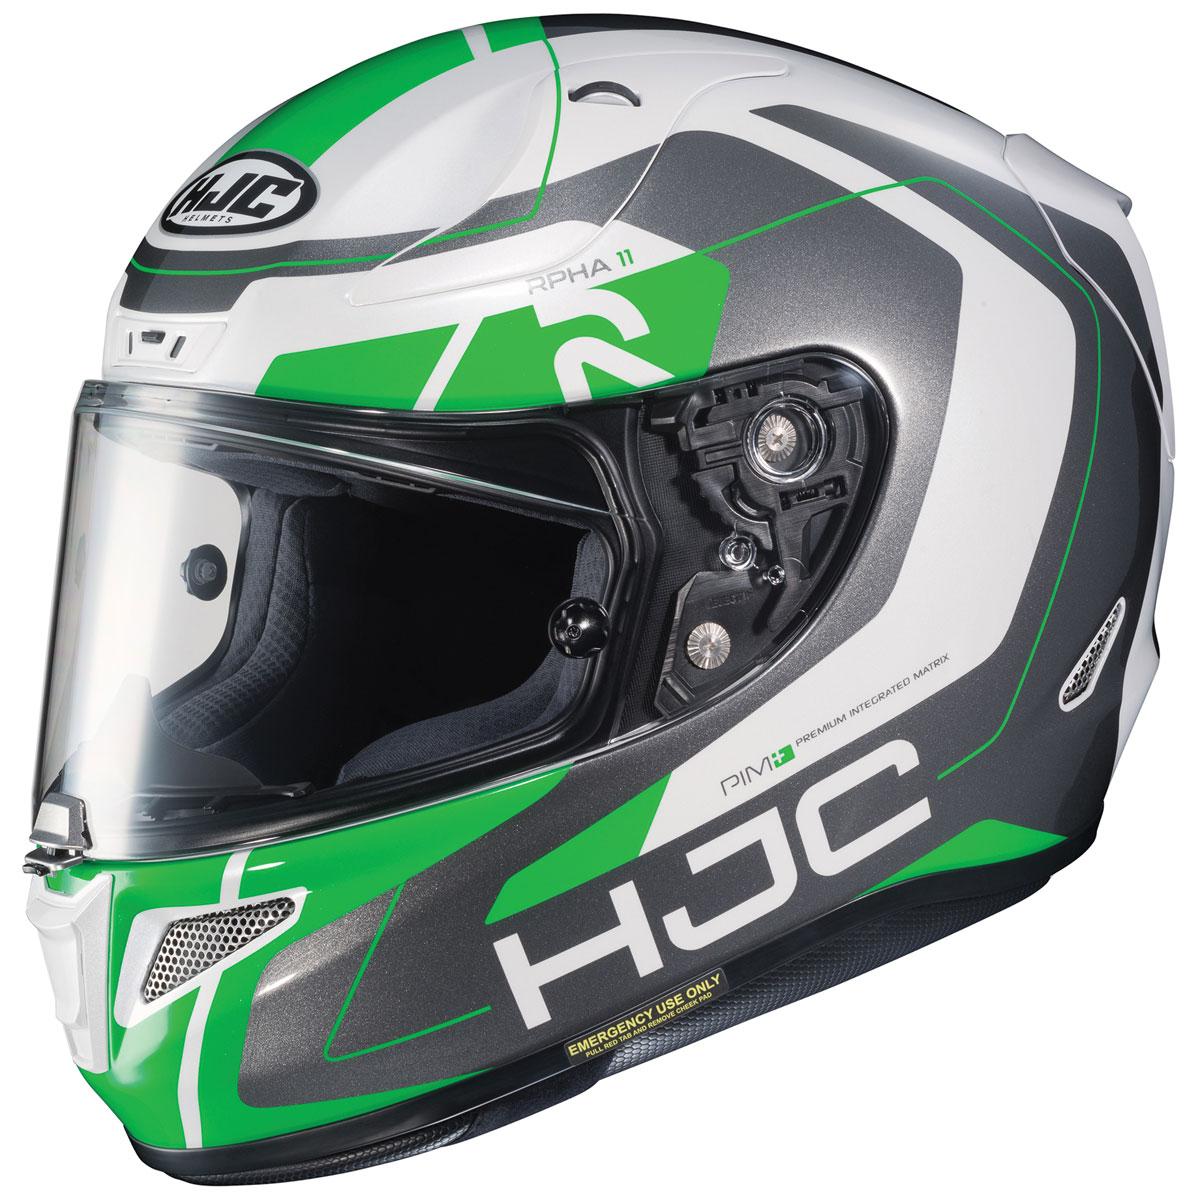 HJC RPHA 11 Pro Chakri Green/White/Silver Full Face Helmet